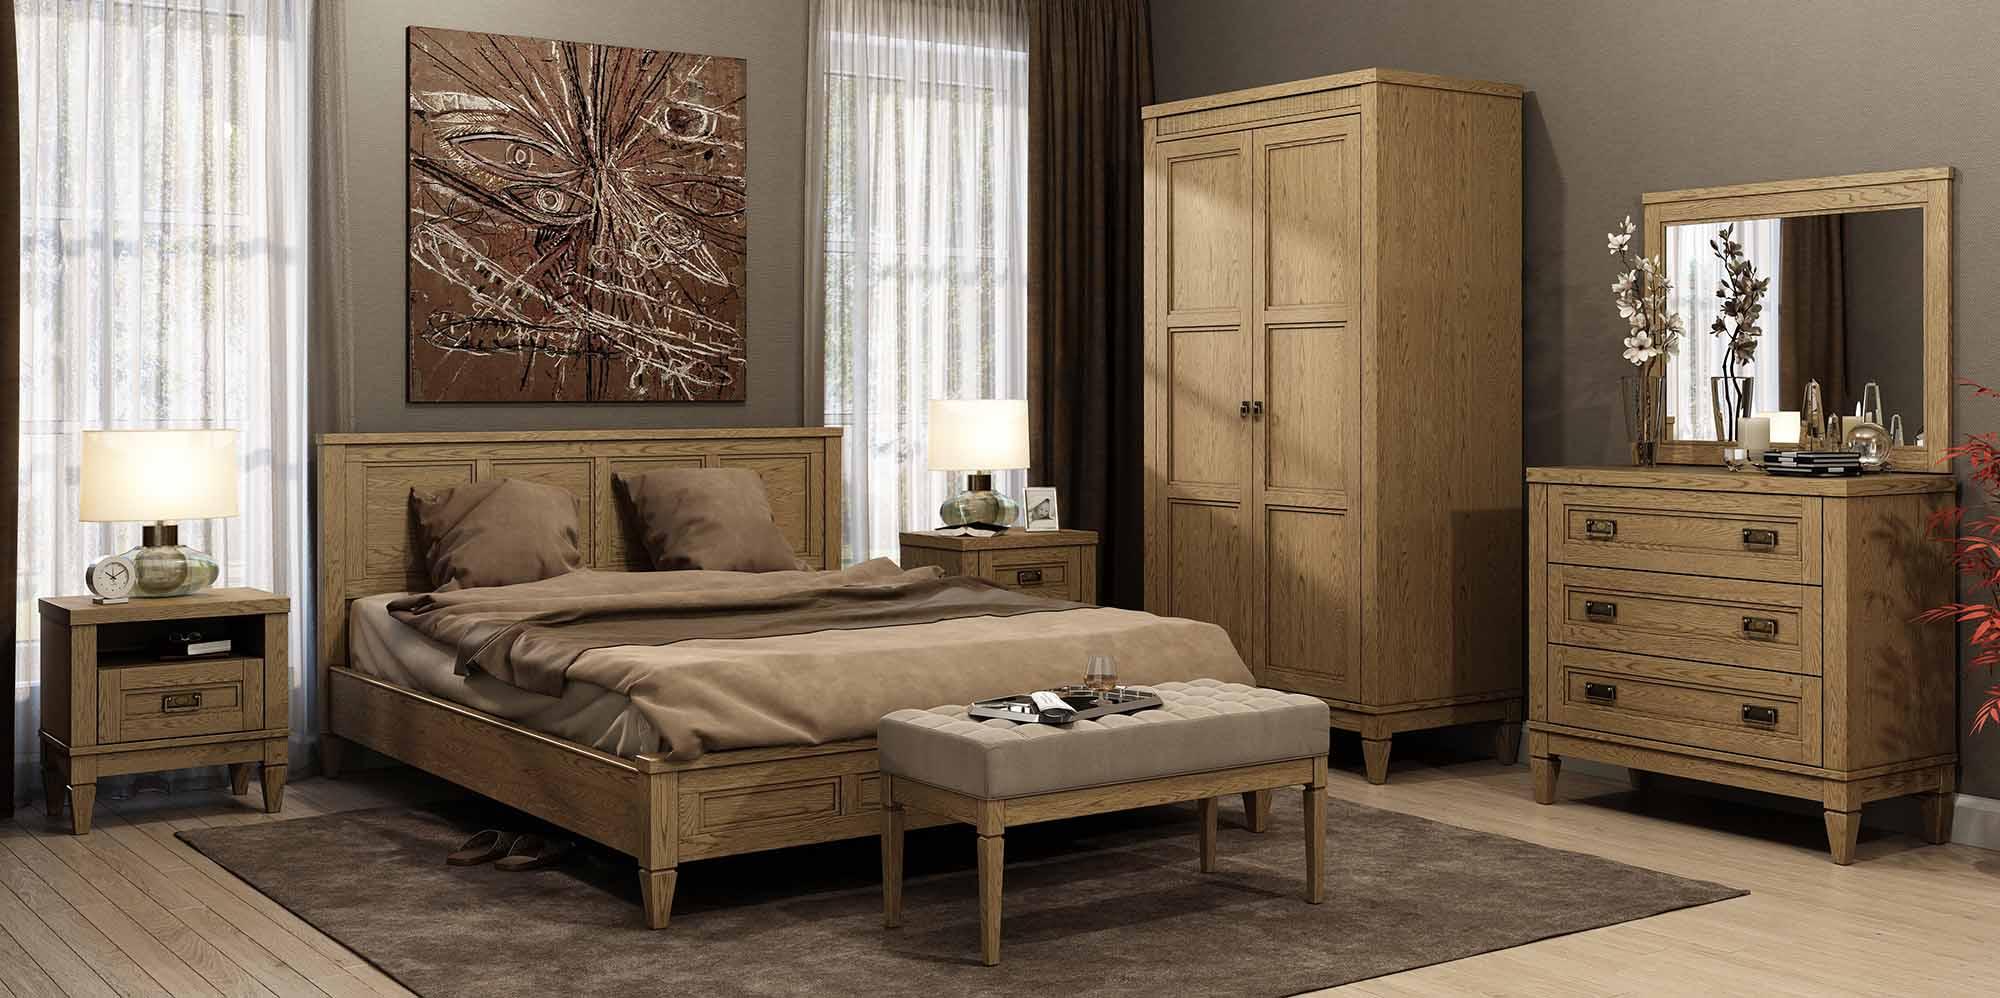 bavaria_bedroom_5